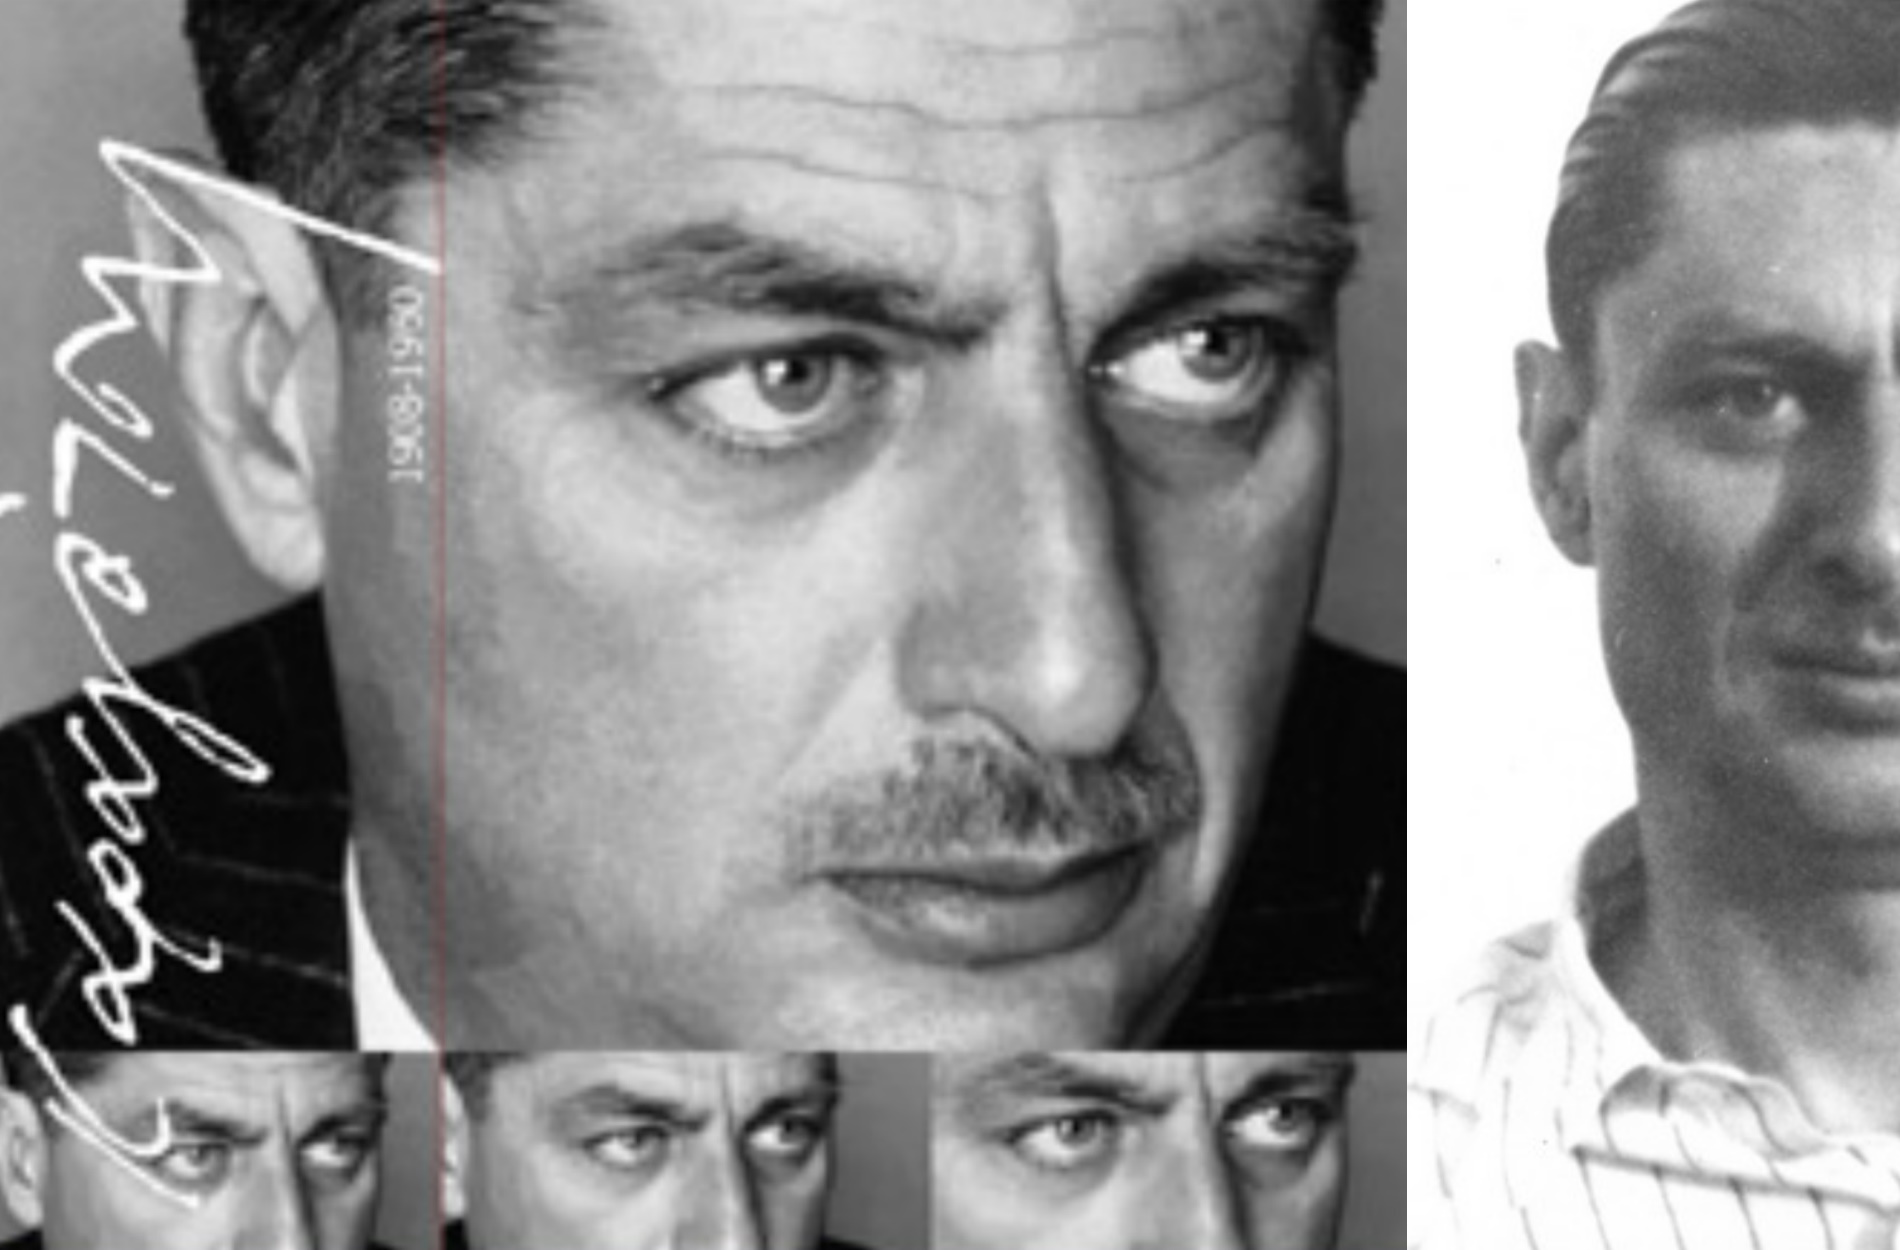 Μία σταγόνα ιστορία: Ένας Ροδόπουλος που έγινε Μ(itia) Καραγάτσης